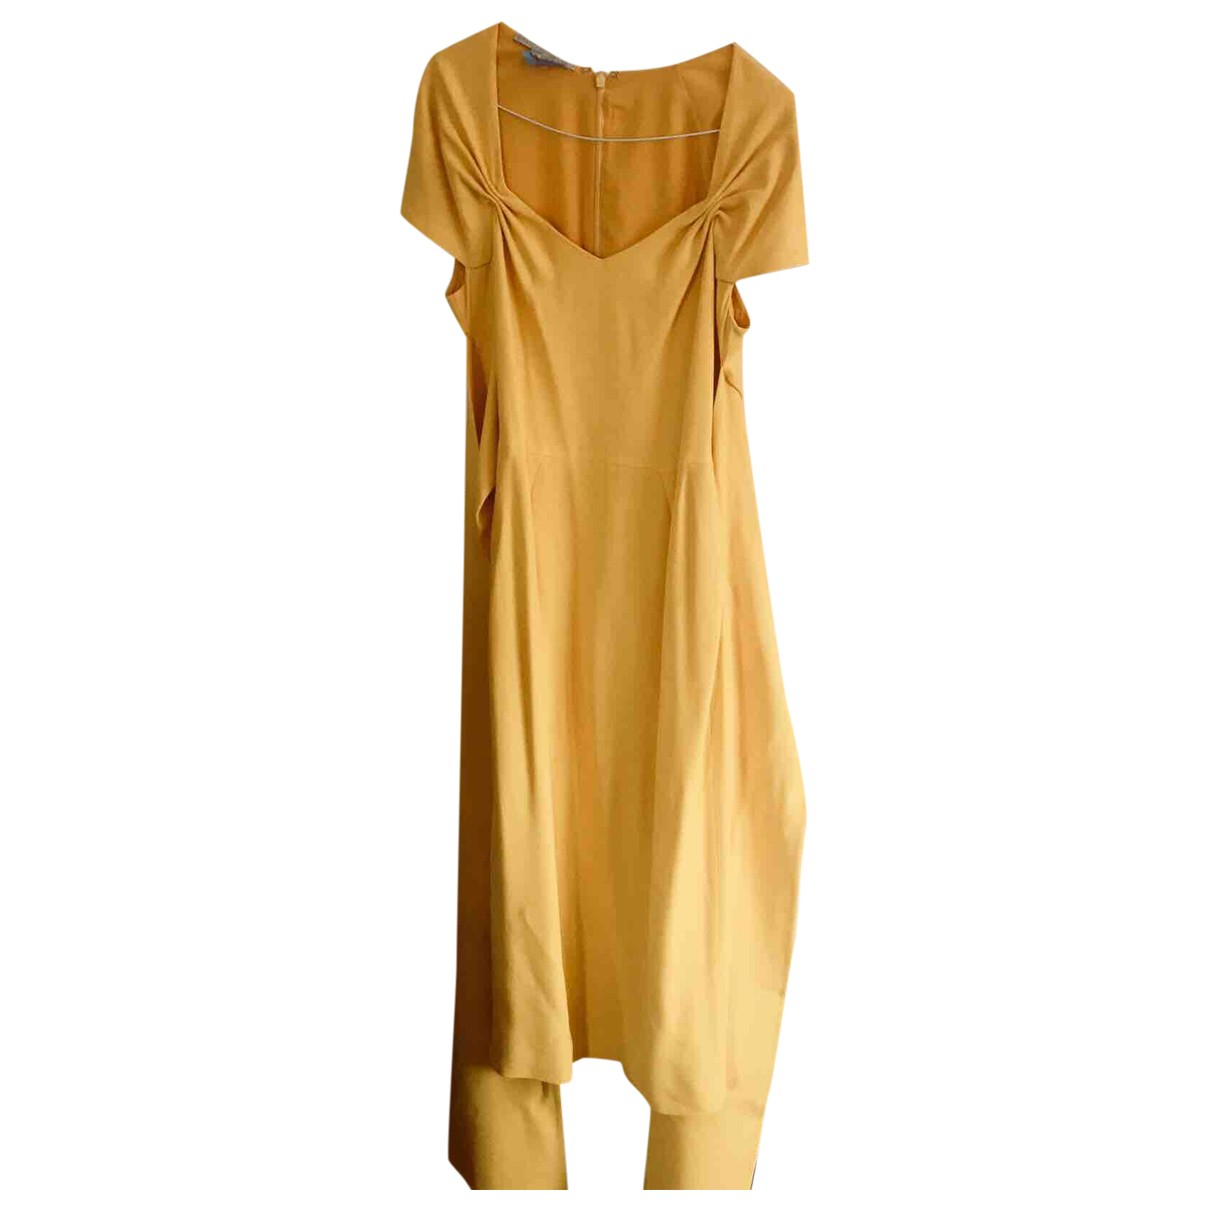 Stella Mccartney \N Kleid in  Gelb Synthetik